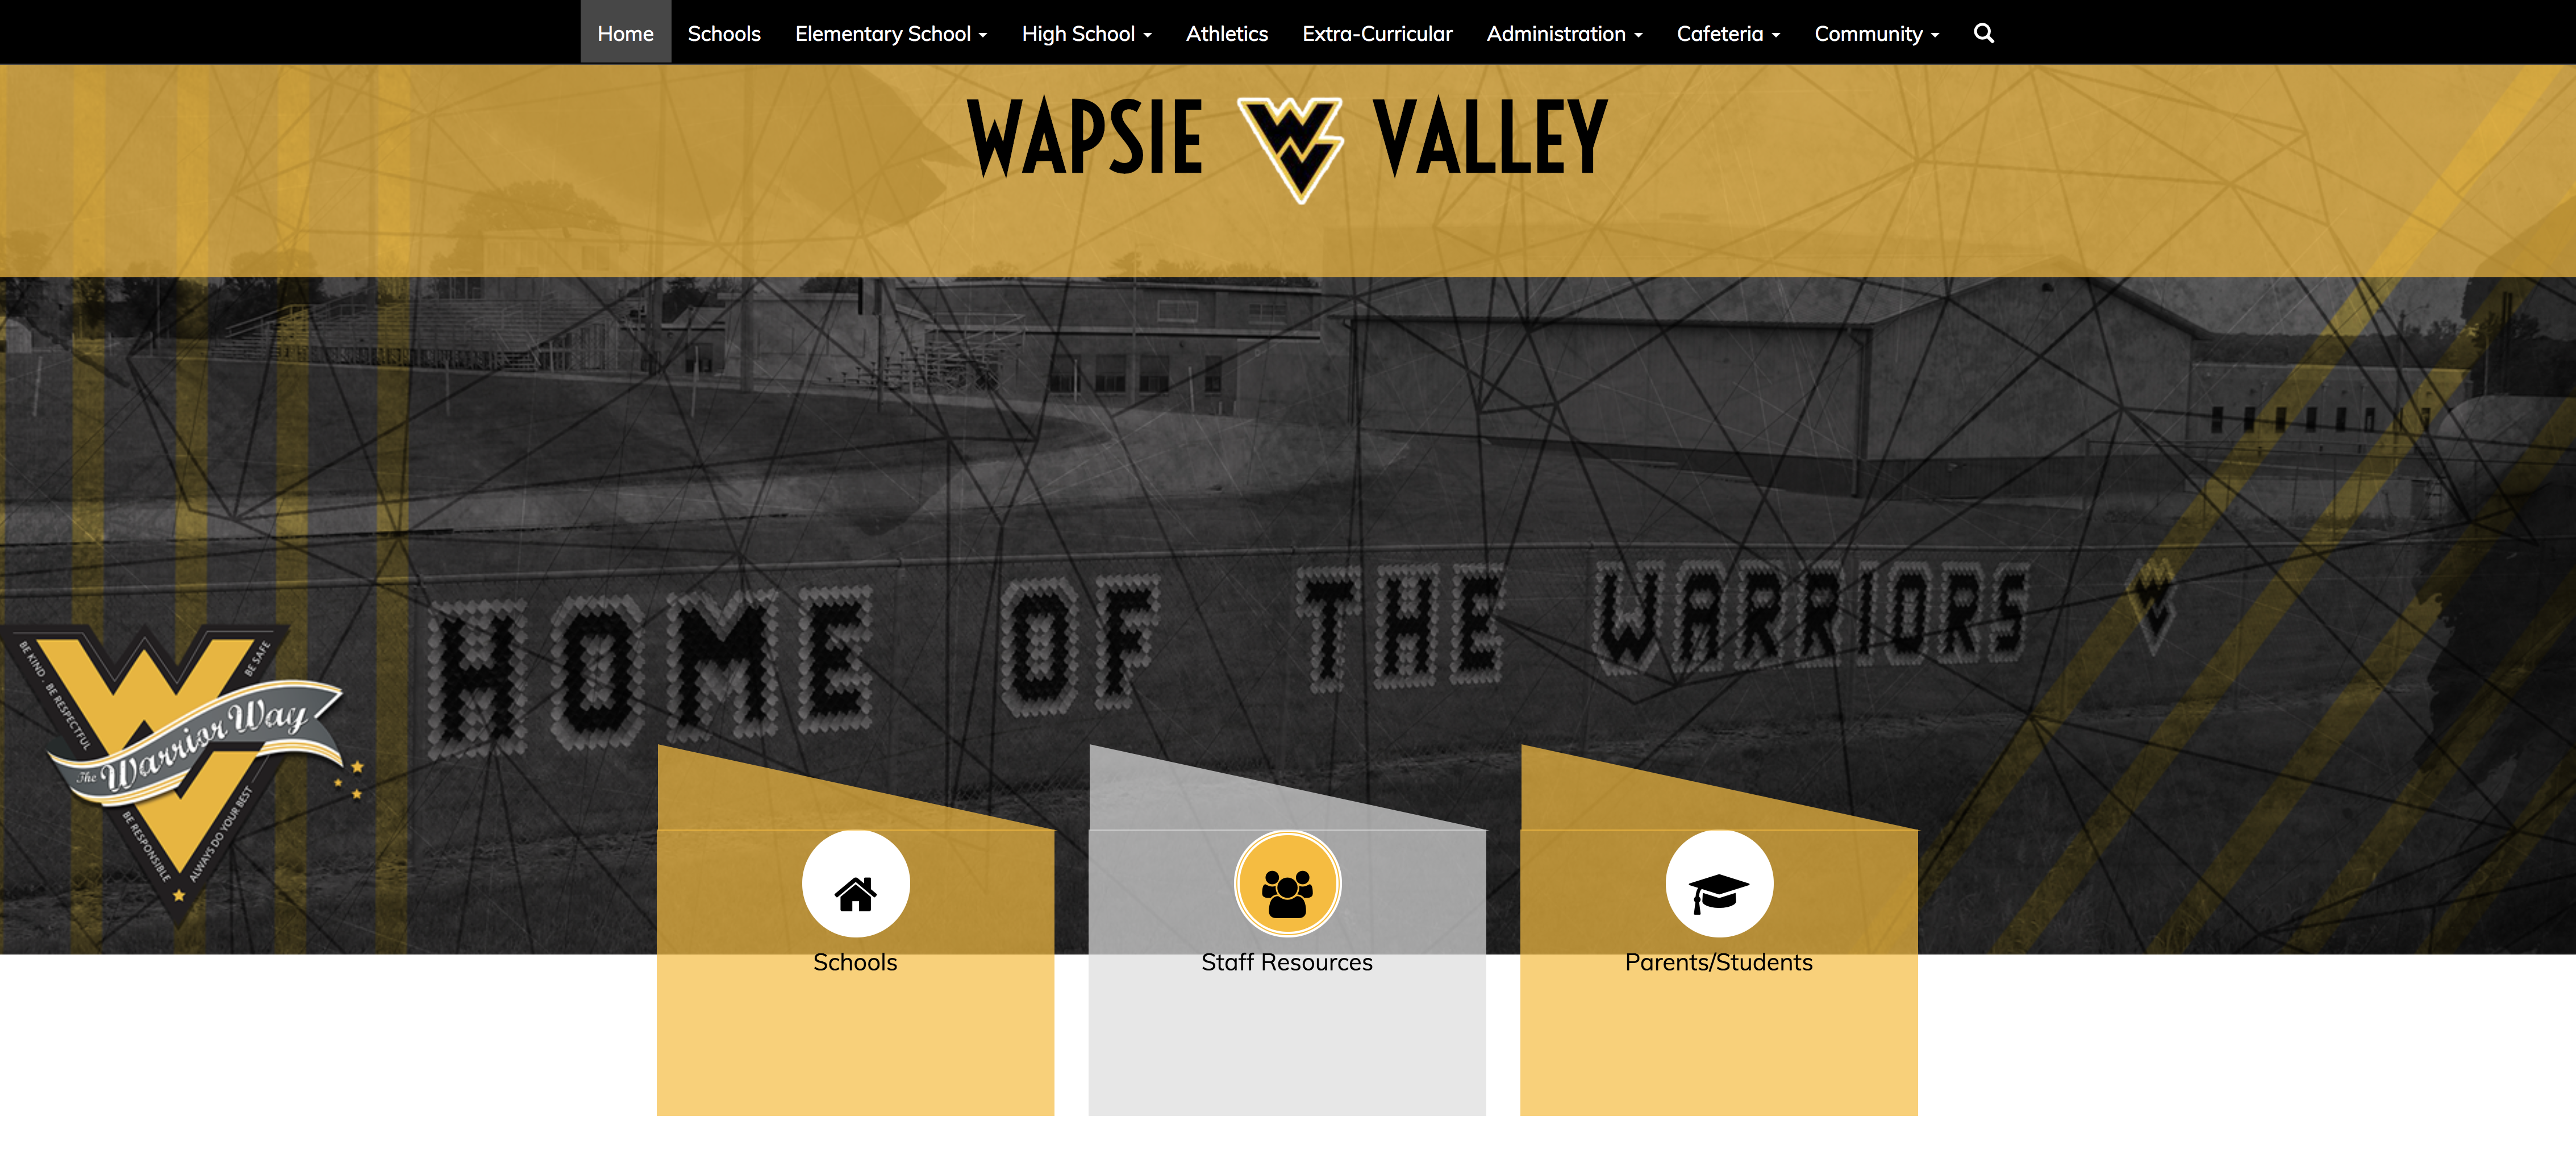 Wapsie Valley Community School District